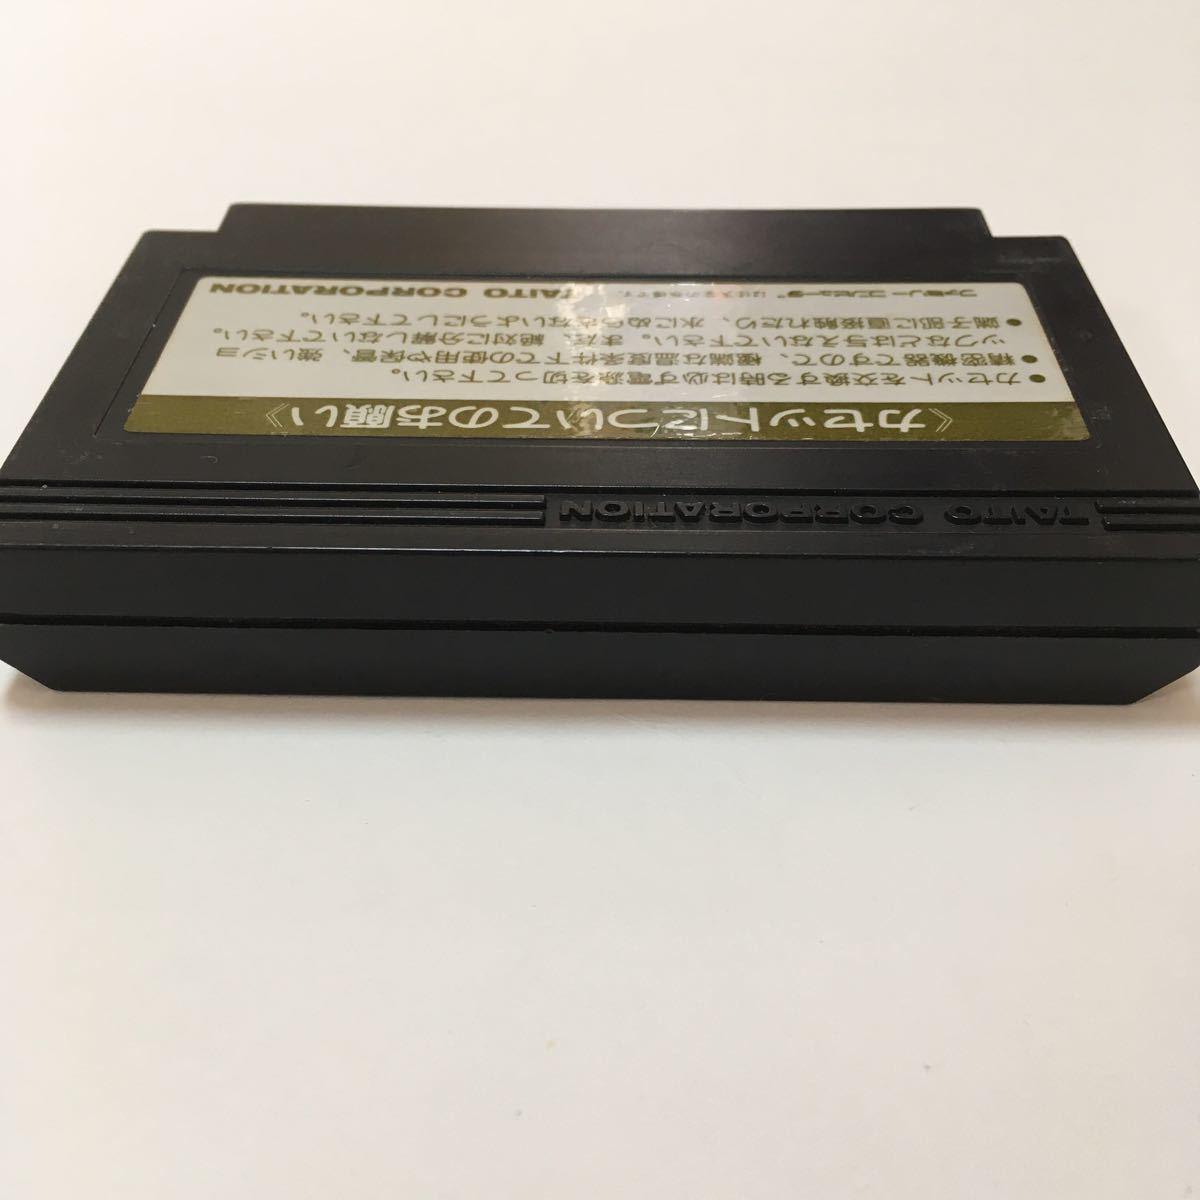 ファミコン ソフト ジャイロダイン 動作確認済み カセット 任天堂 ニンテンドー レトロ ゲーム